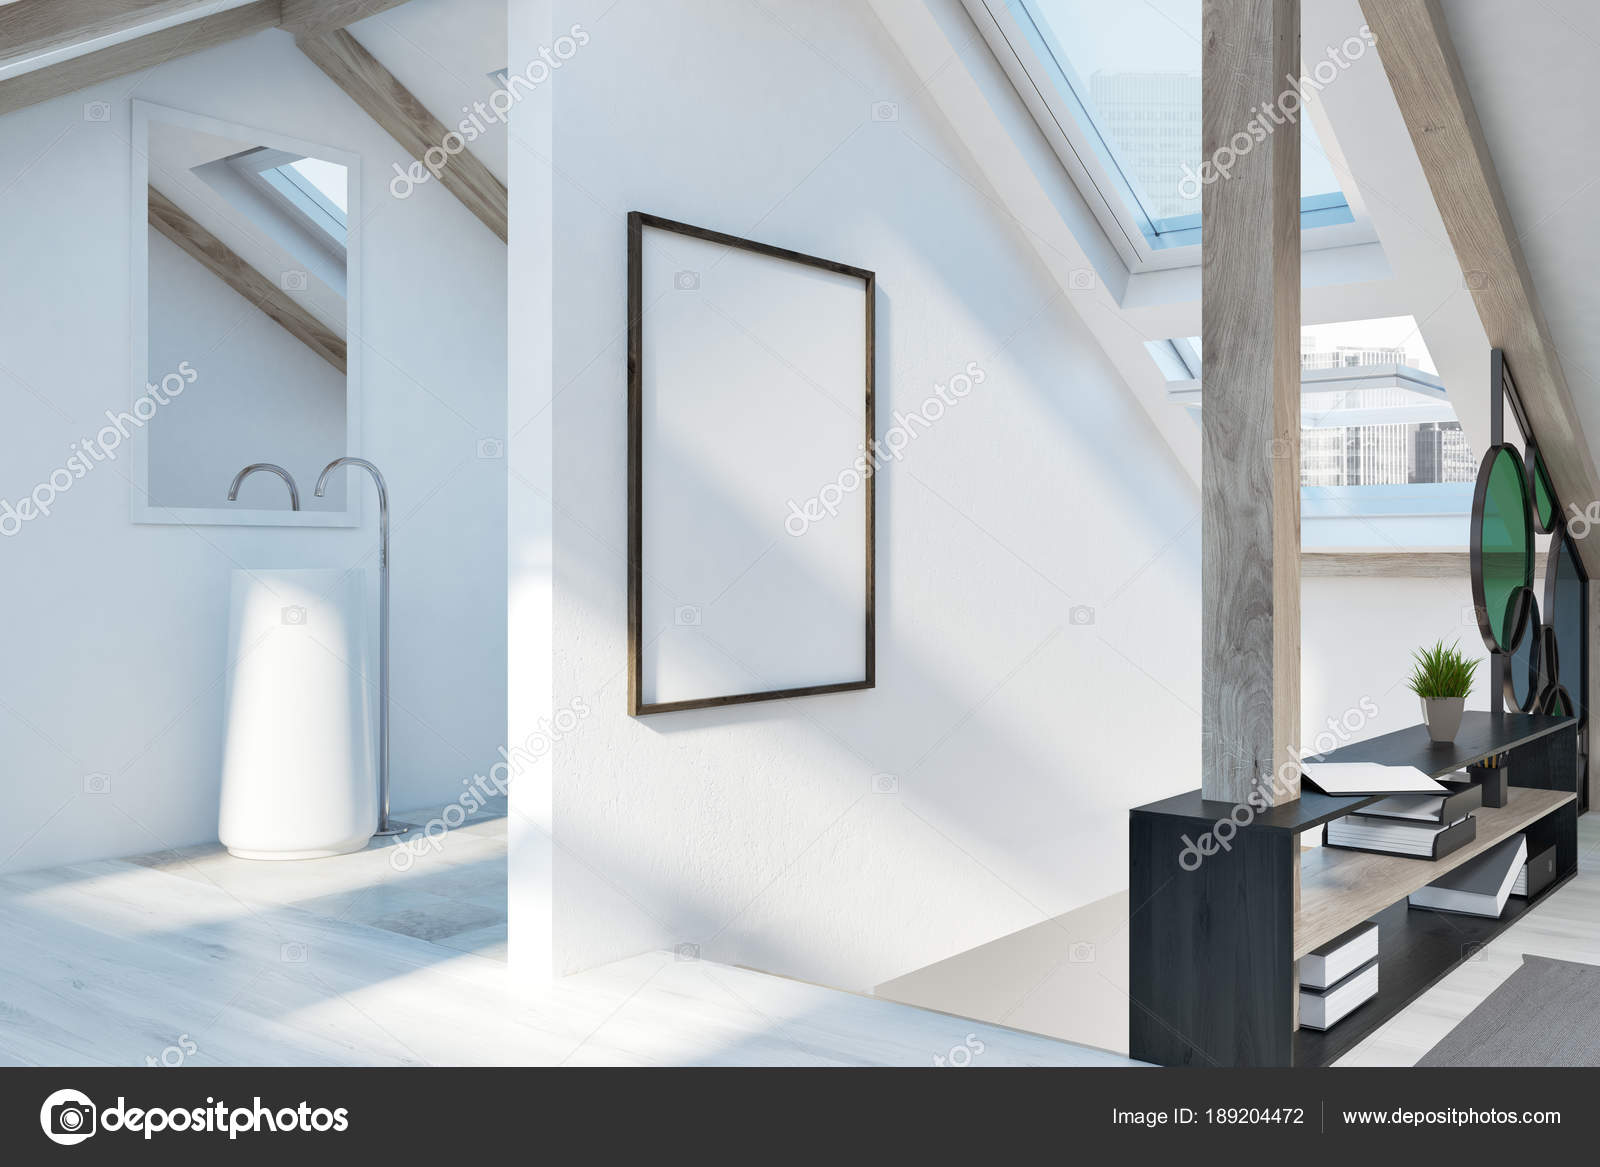 Dachgeschoss Schlafzimmer und Badezimmer Interieur, Plakat ...